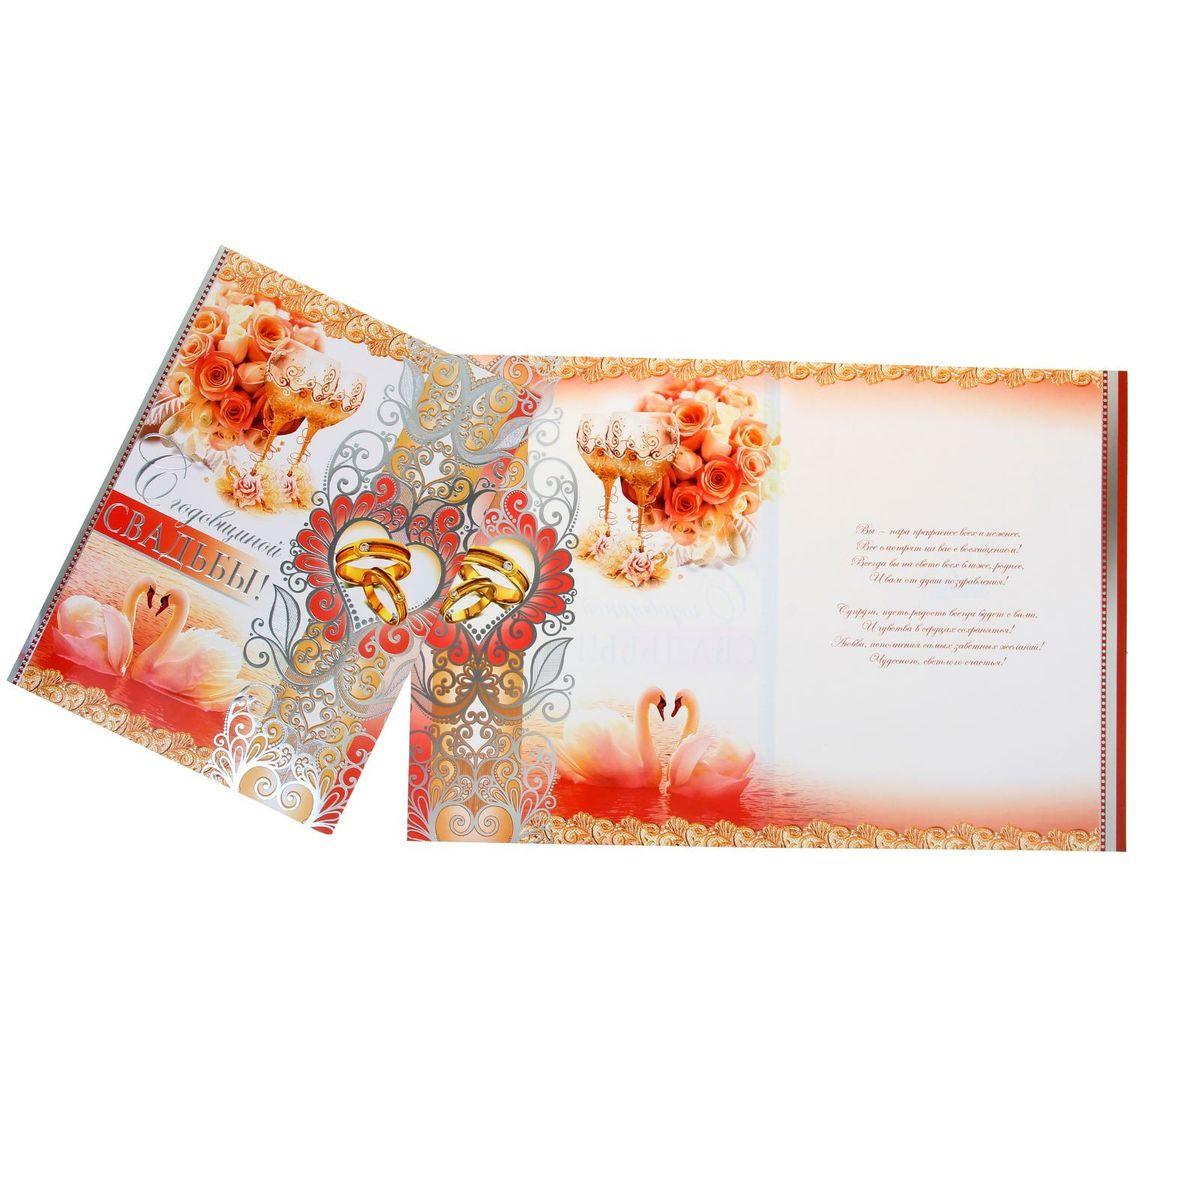 Открытка Атмосфера праздника С днем свадьбы!12723Если вы хотите порадовать себя или близких, создать праздничное настроение и с улыбкой провести памятный день, то вы, несомненно, сделали правильный выбор! Открытка Атмосфера праздника С днем свадьбы!, выполненная из плотной бумаги, отличается не только оригинальным дизайном, но и высоким качеством.Лицевая сторона изделия оформлена ярким изображением. Внутри открытка содержит текст с поздравлением.Такая открытка непременно порадует получателя и станет отличным напоминанием о проведенном вместе времени.